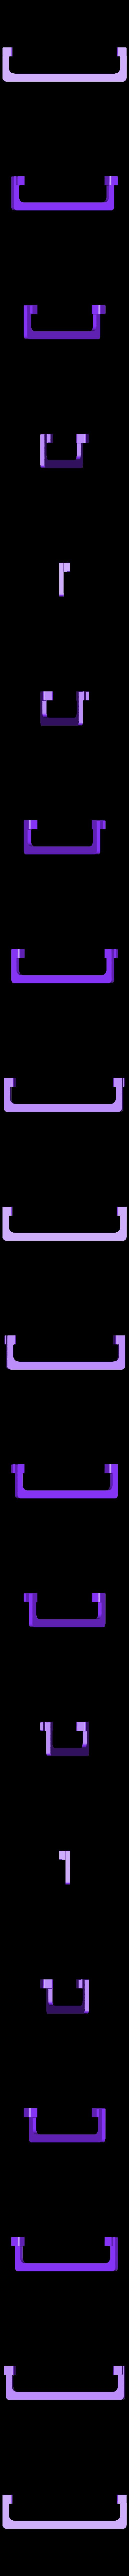 Ampli Placa L V2.stl Télécharger fichier STL gratuit Support de plaque d'immatriculation de moto • Modèle à imprimer en 3D, Ginesor